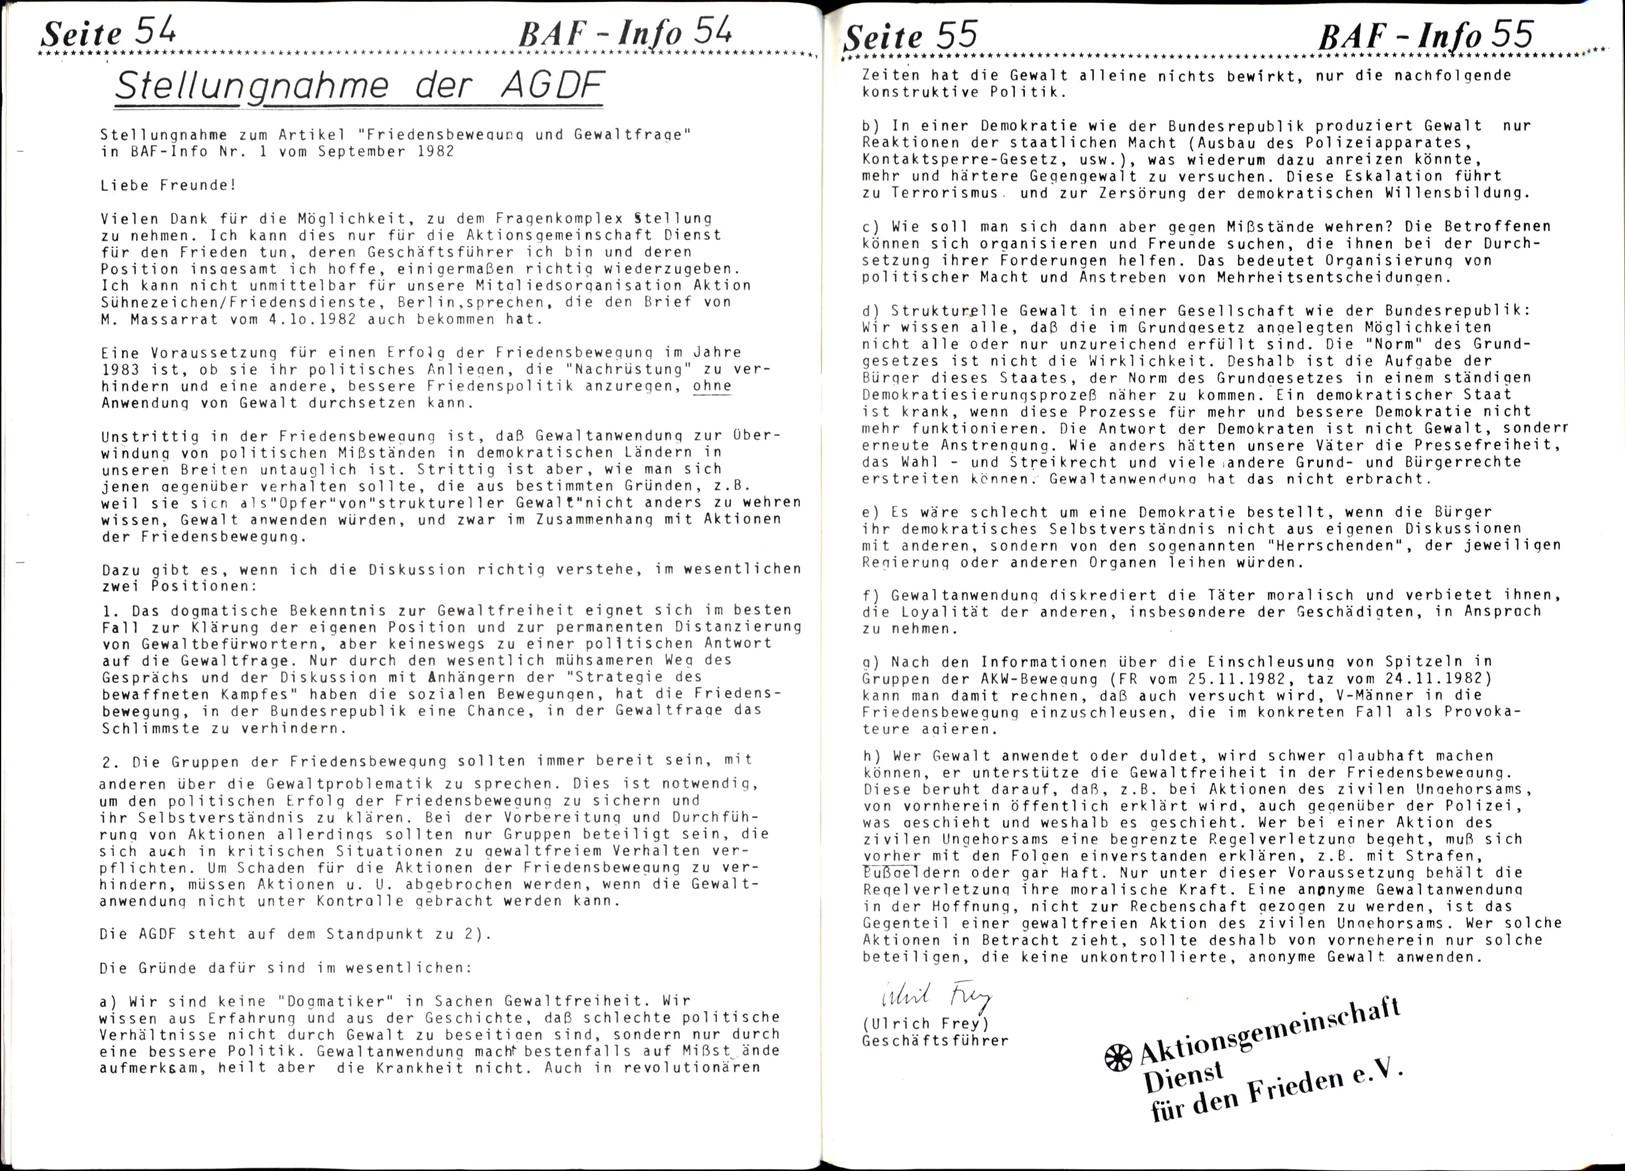 BAF_Info_02_19830100_28